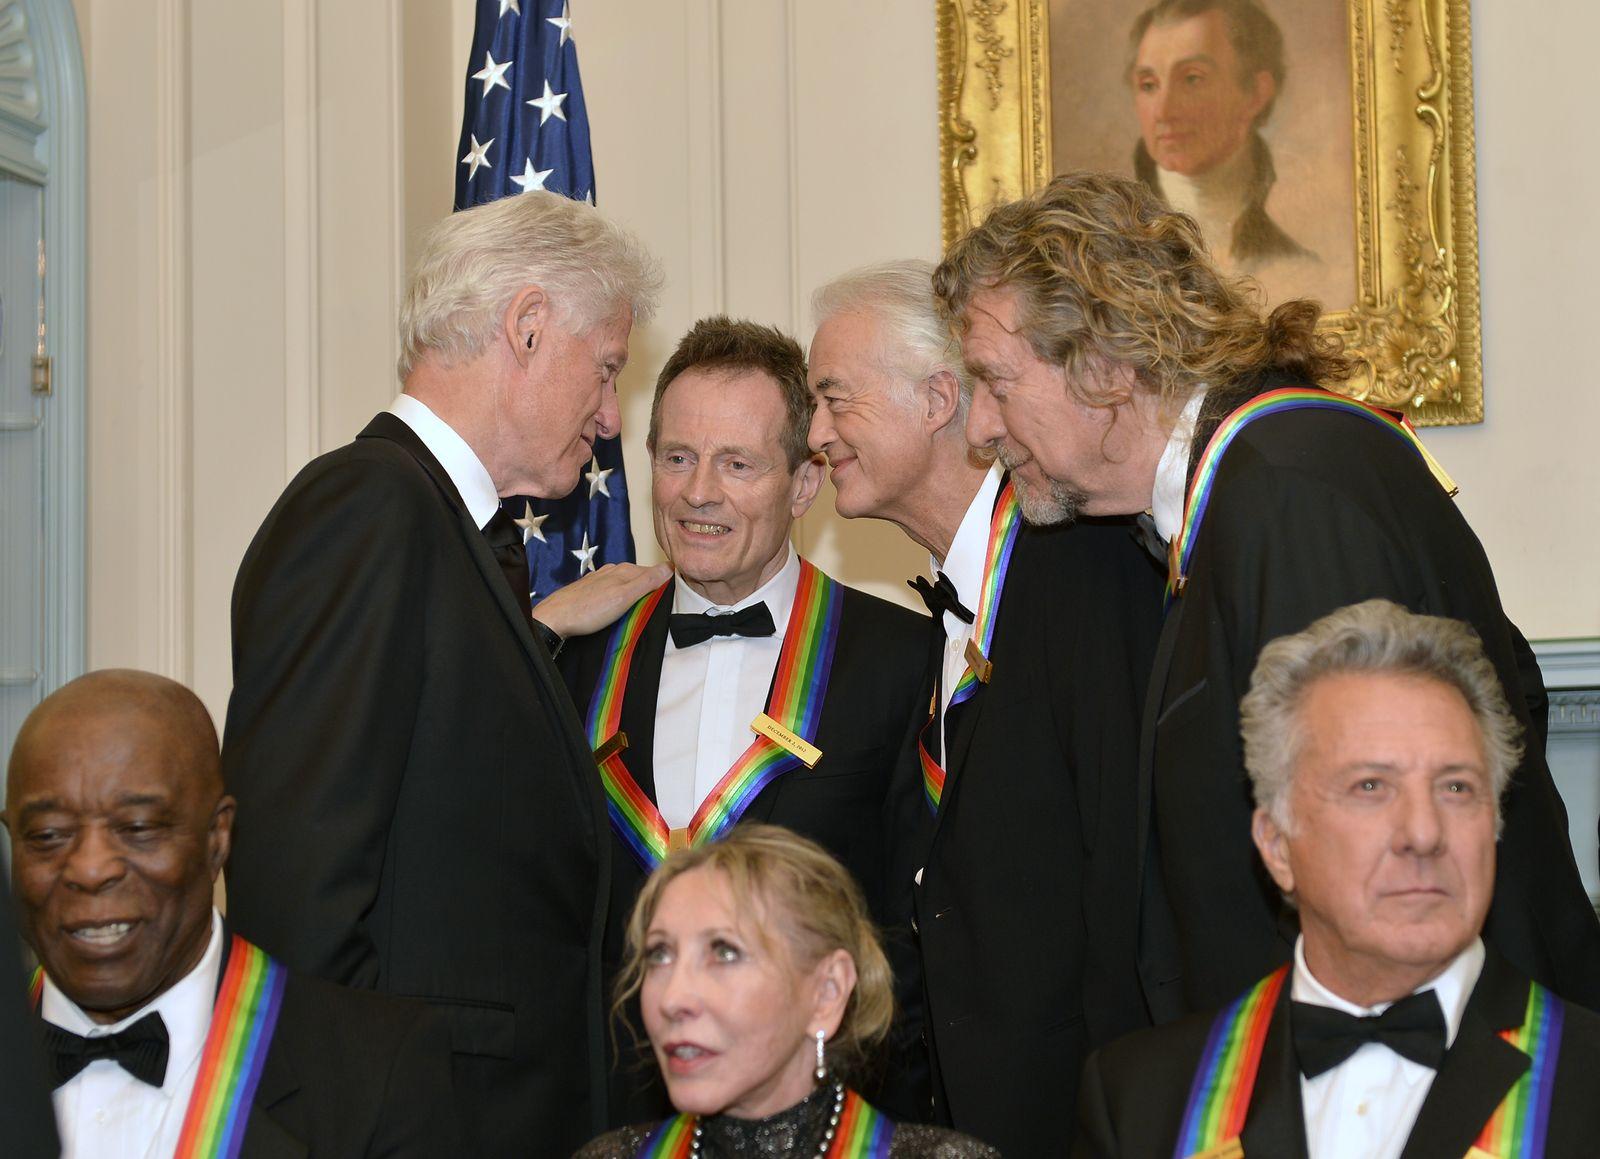 Bill Clinton / Led Zeppelin